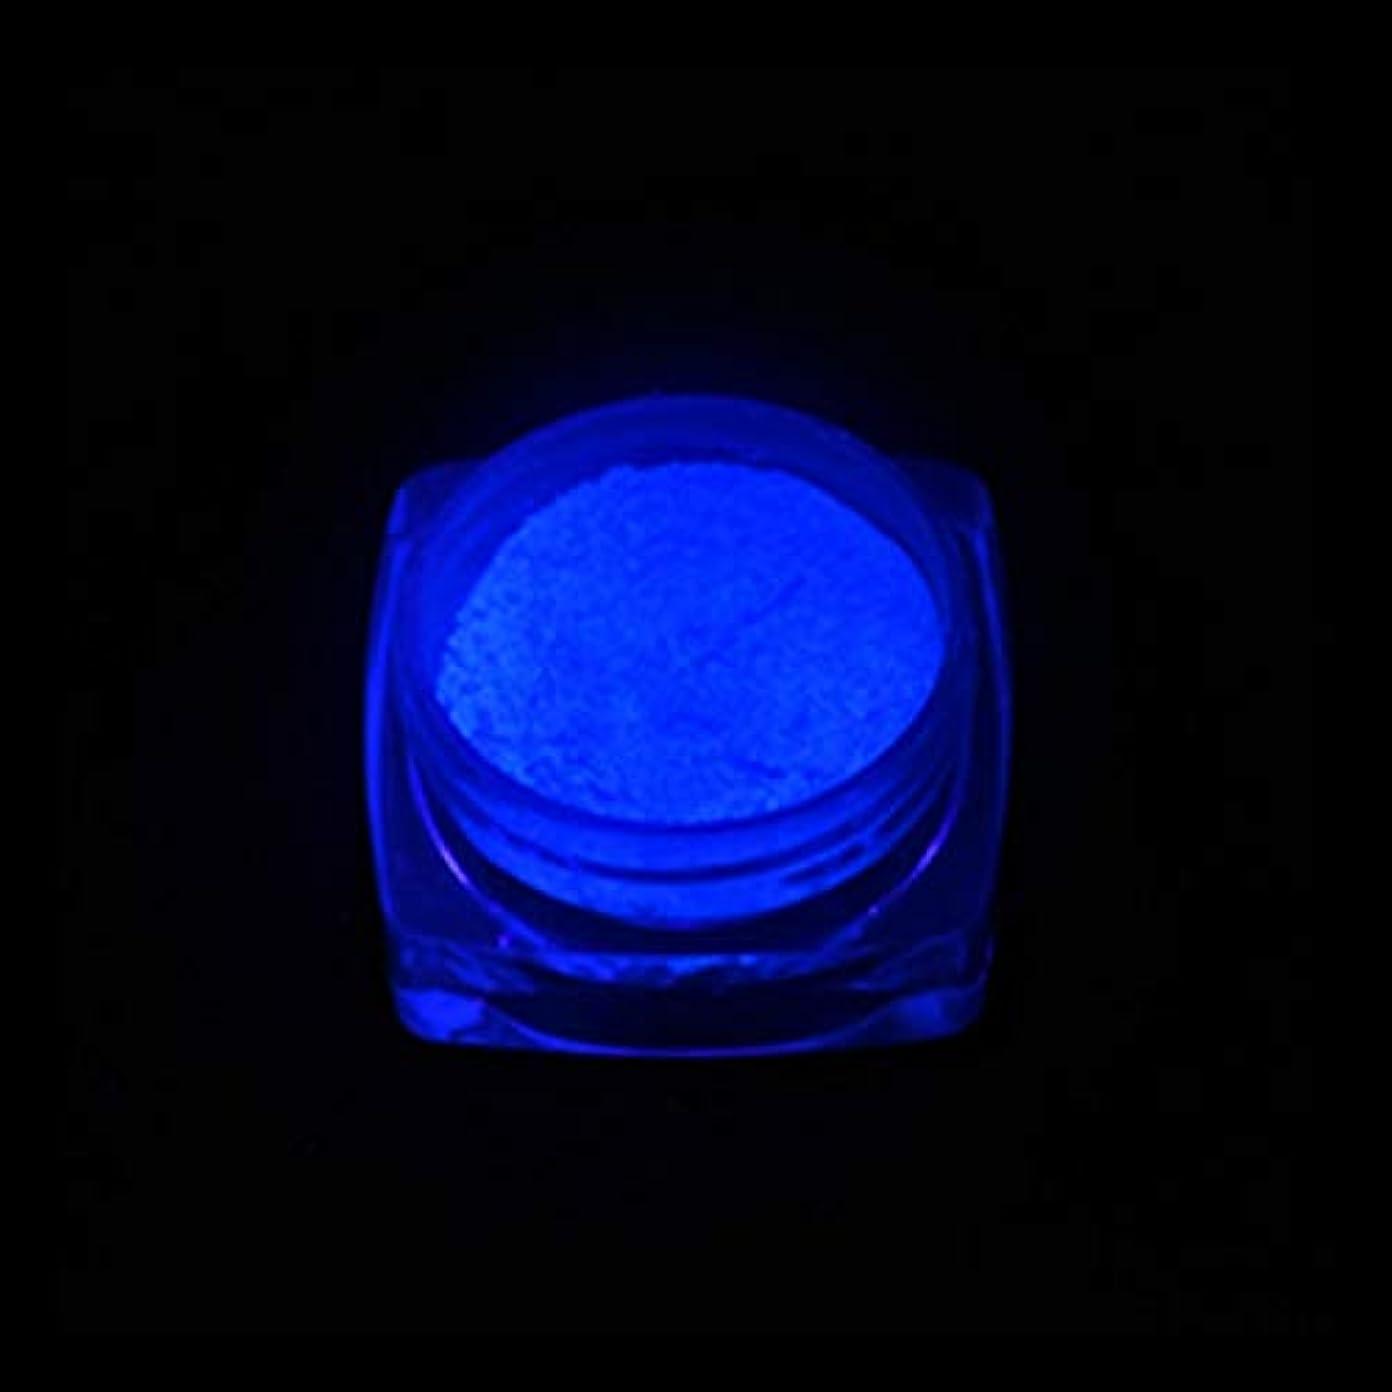 人口万一に備えて緩やかな手足ビューティーケア 3 PCSネオン蛍光体粉末ネイルグリッターパウダー (色 : YGF06 Dark Blue)